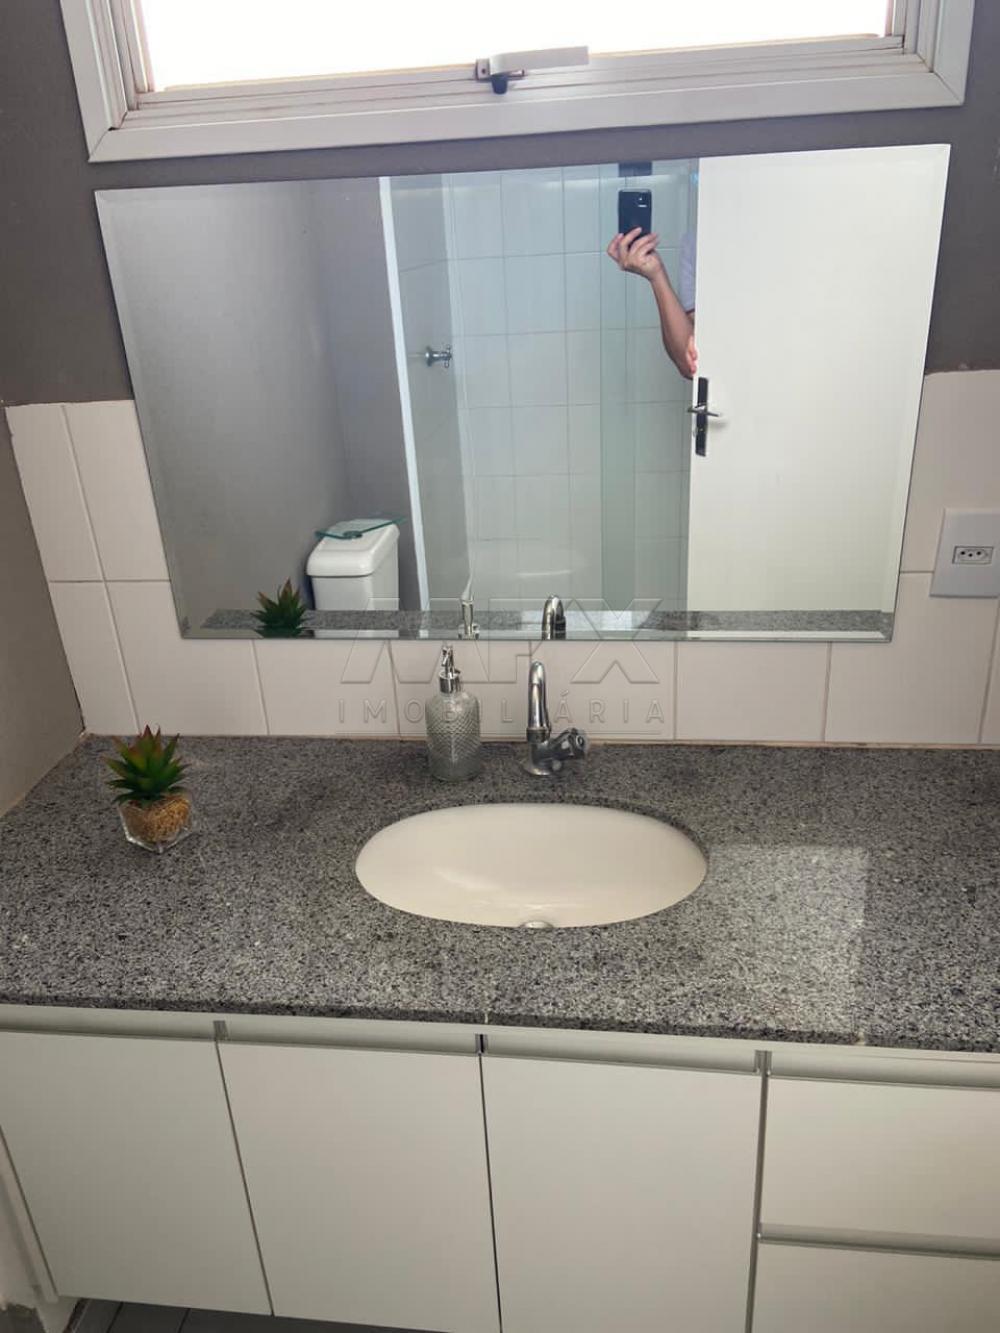 Comprar Apartamento / Padrão em Bauru R$ 175.000,00 - Foto 13